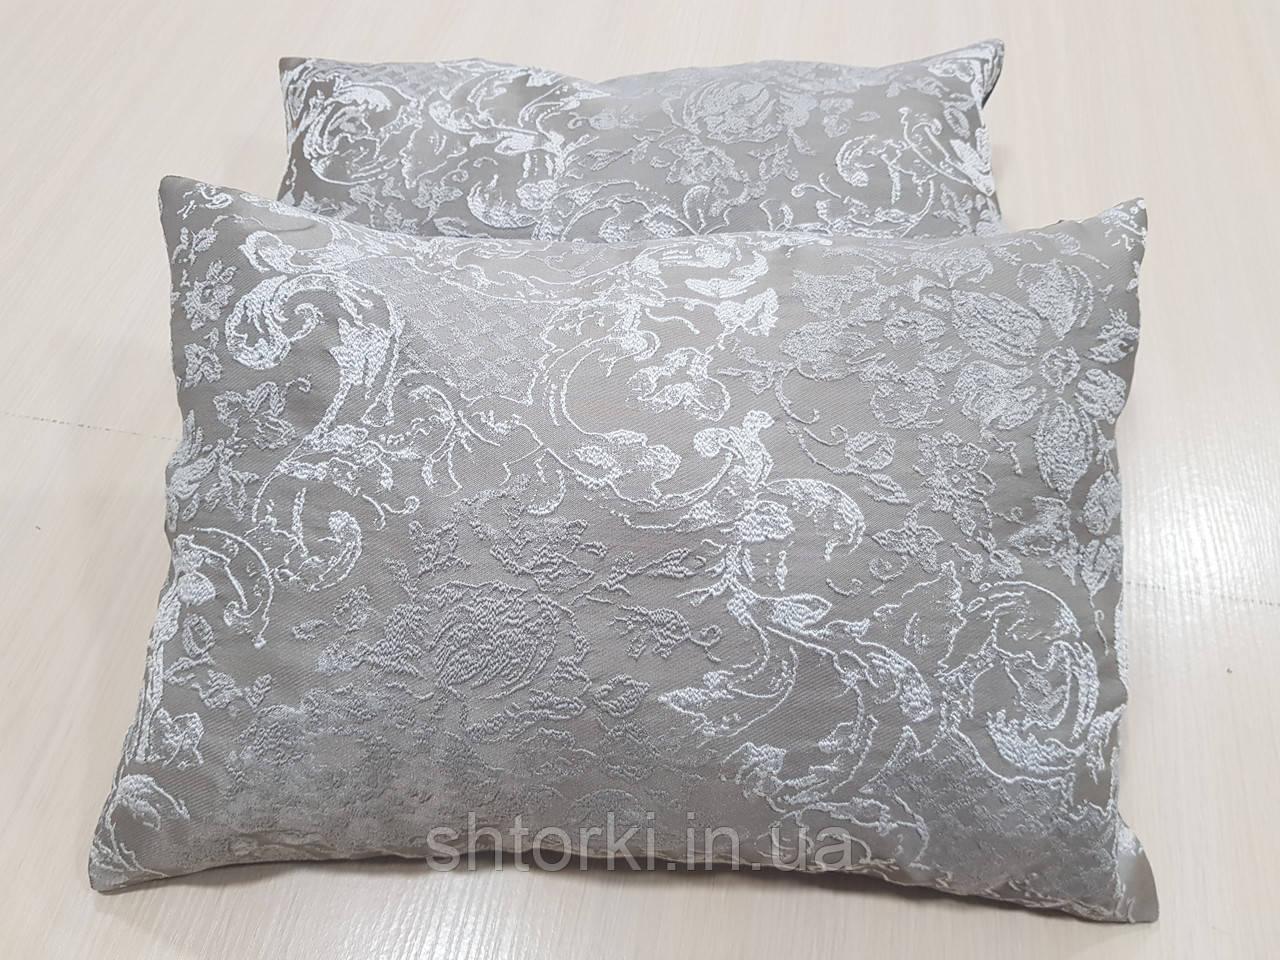 Комплект подушок Кавові з малюнком, 2шт